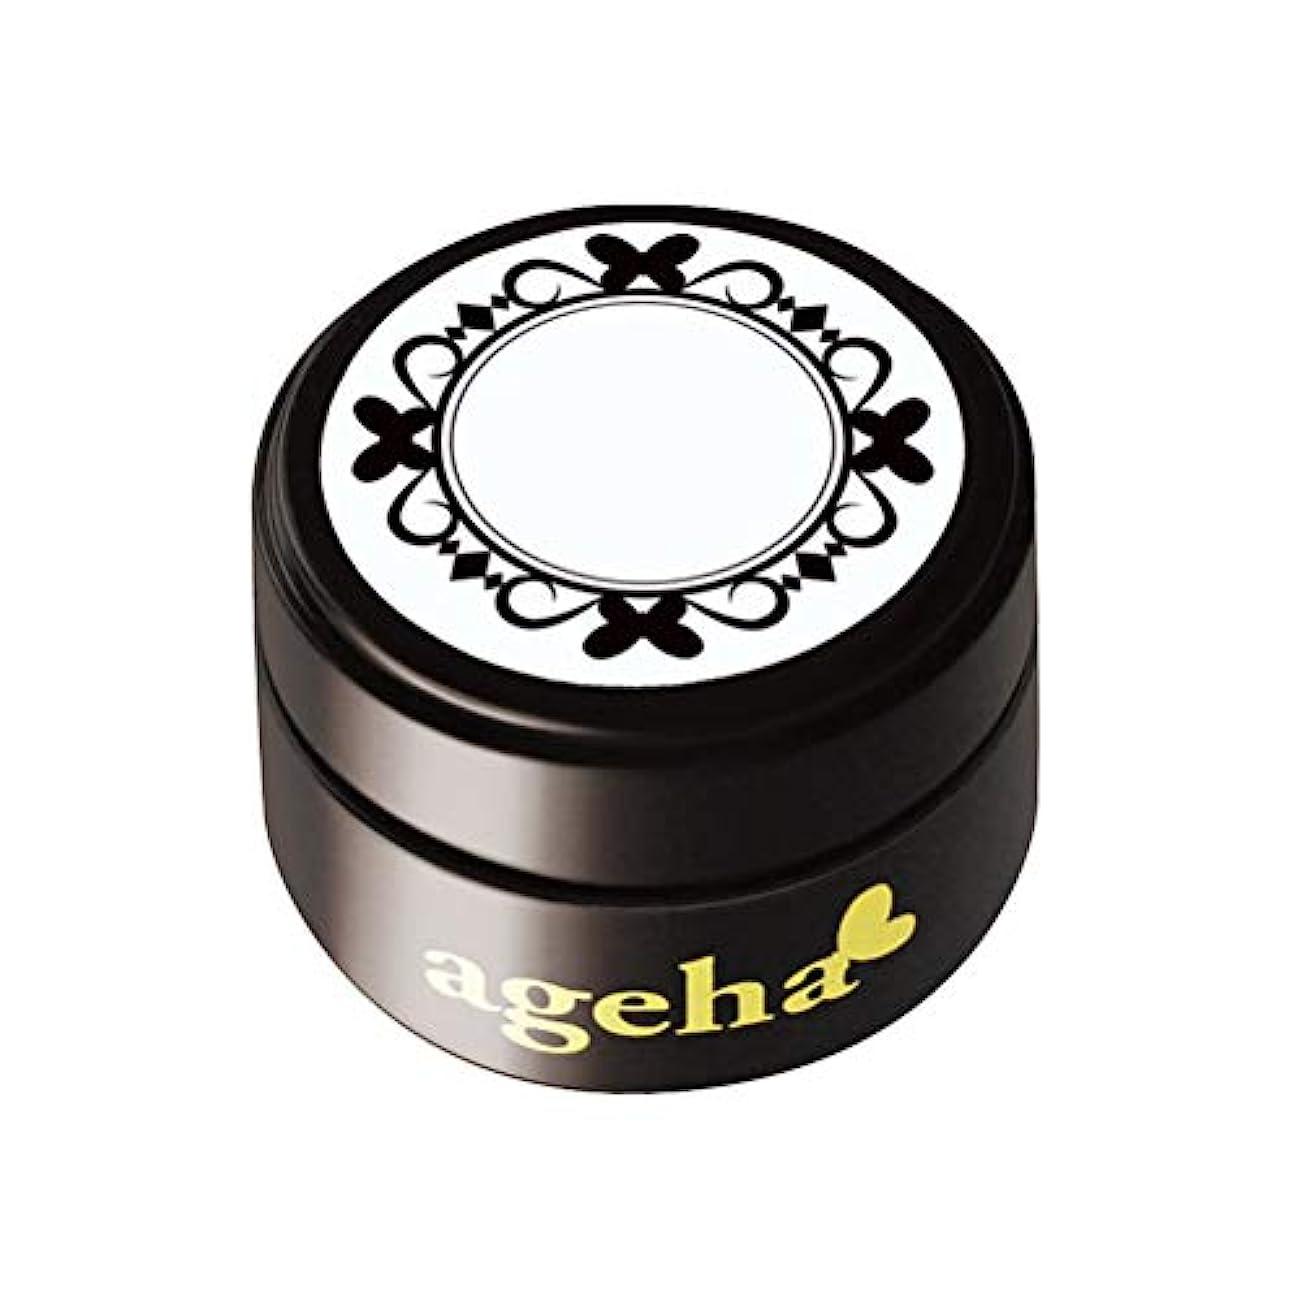 装置太陽テレマコスageha コスメカラー 230 レトロピンク 2.7g UV/LED対応